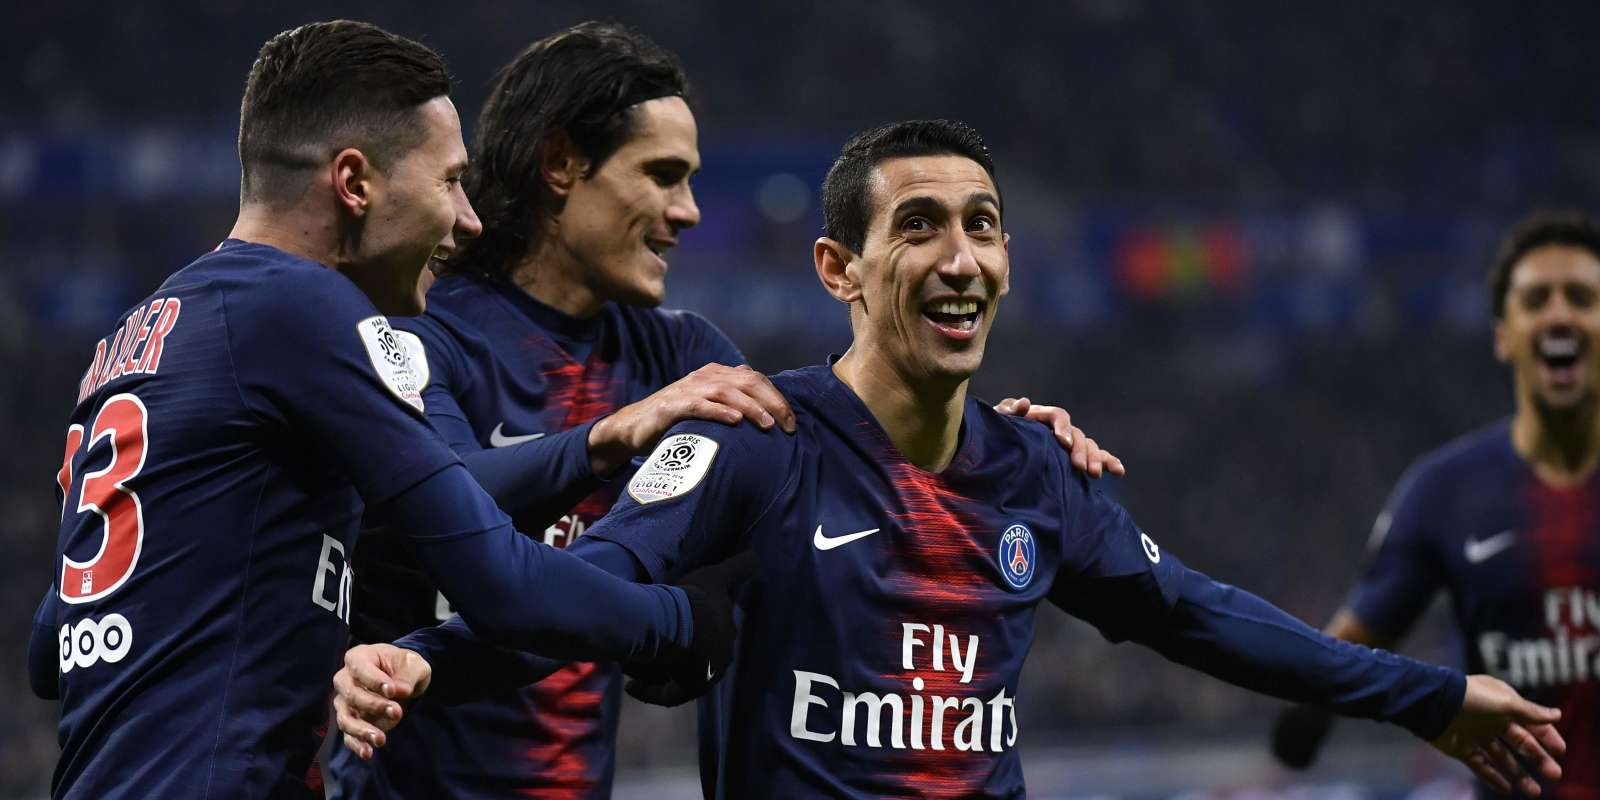 Toujours privés de Neymar, les Parisiens veulent se rassurer avant la Ligue des champions.